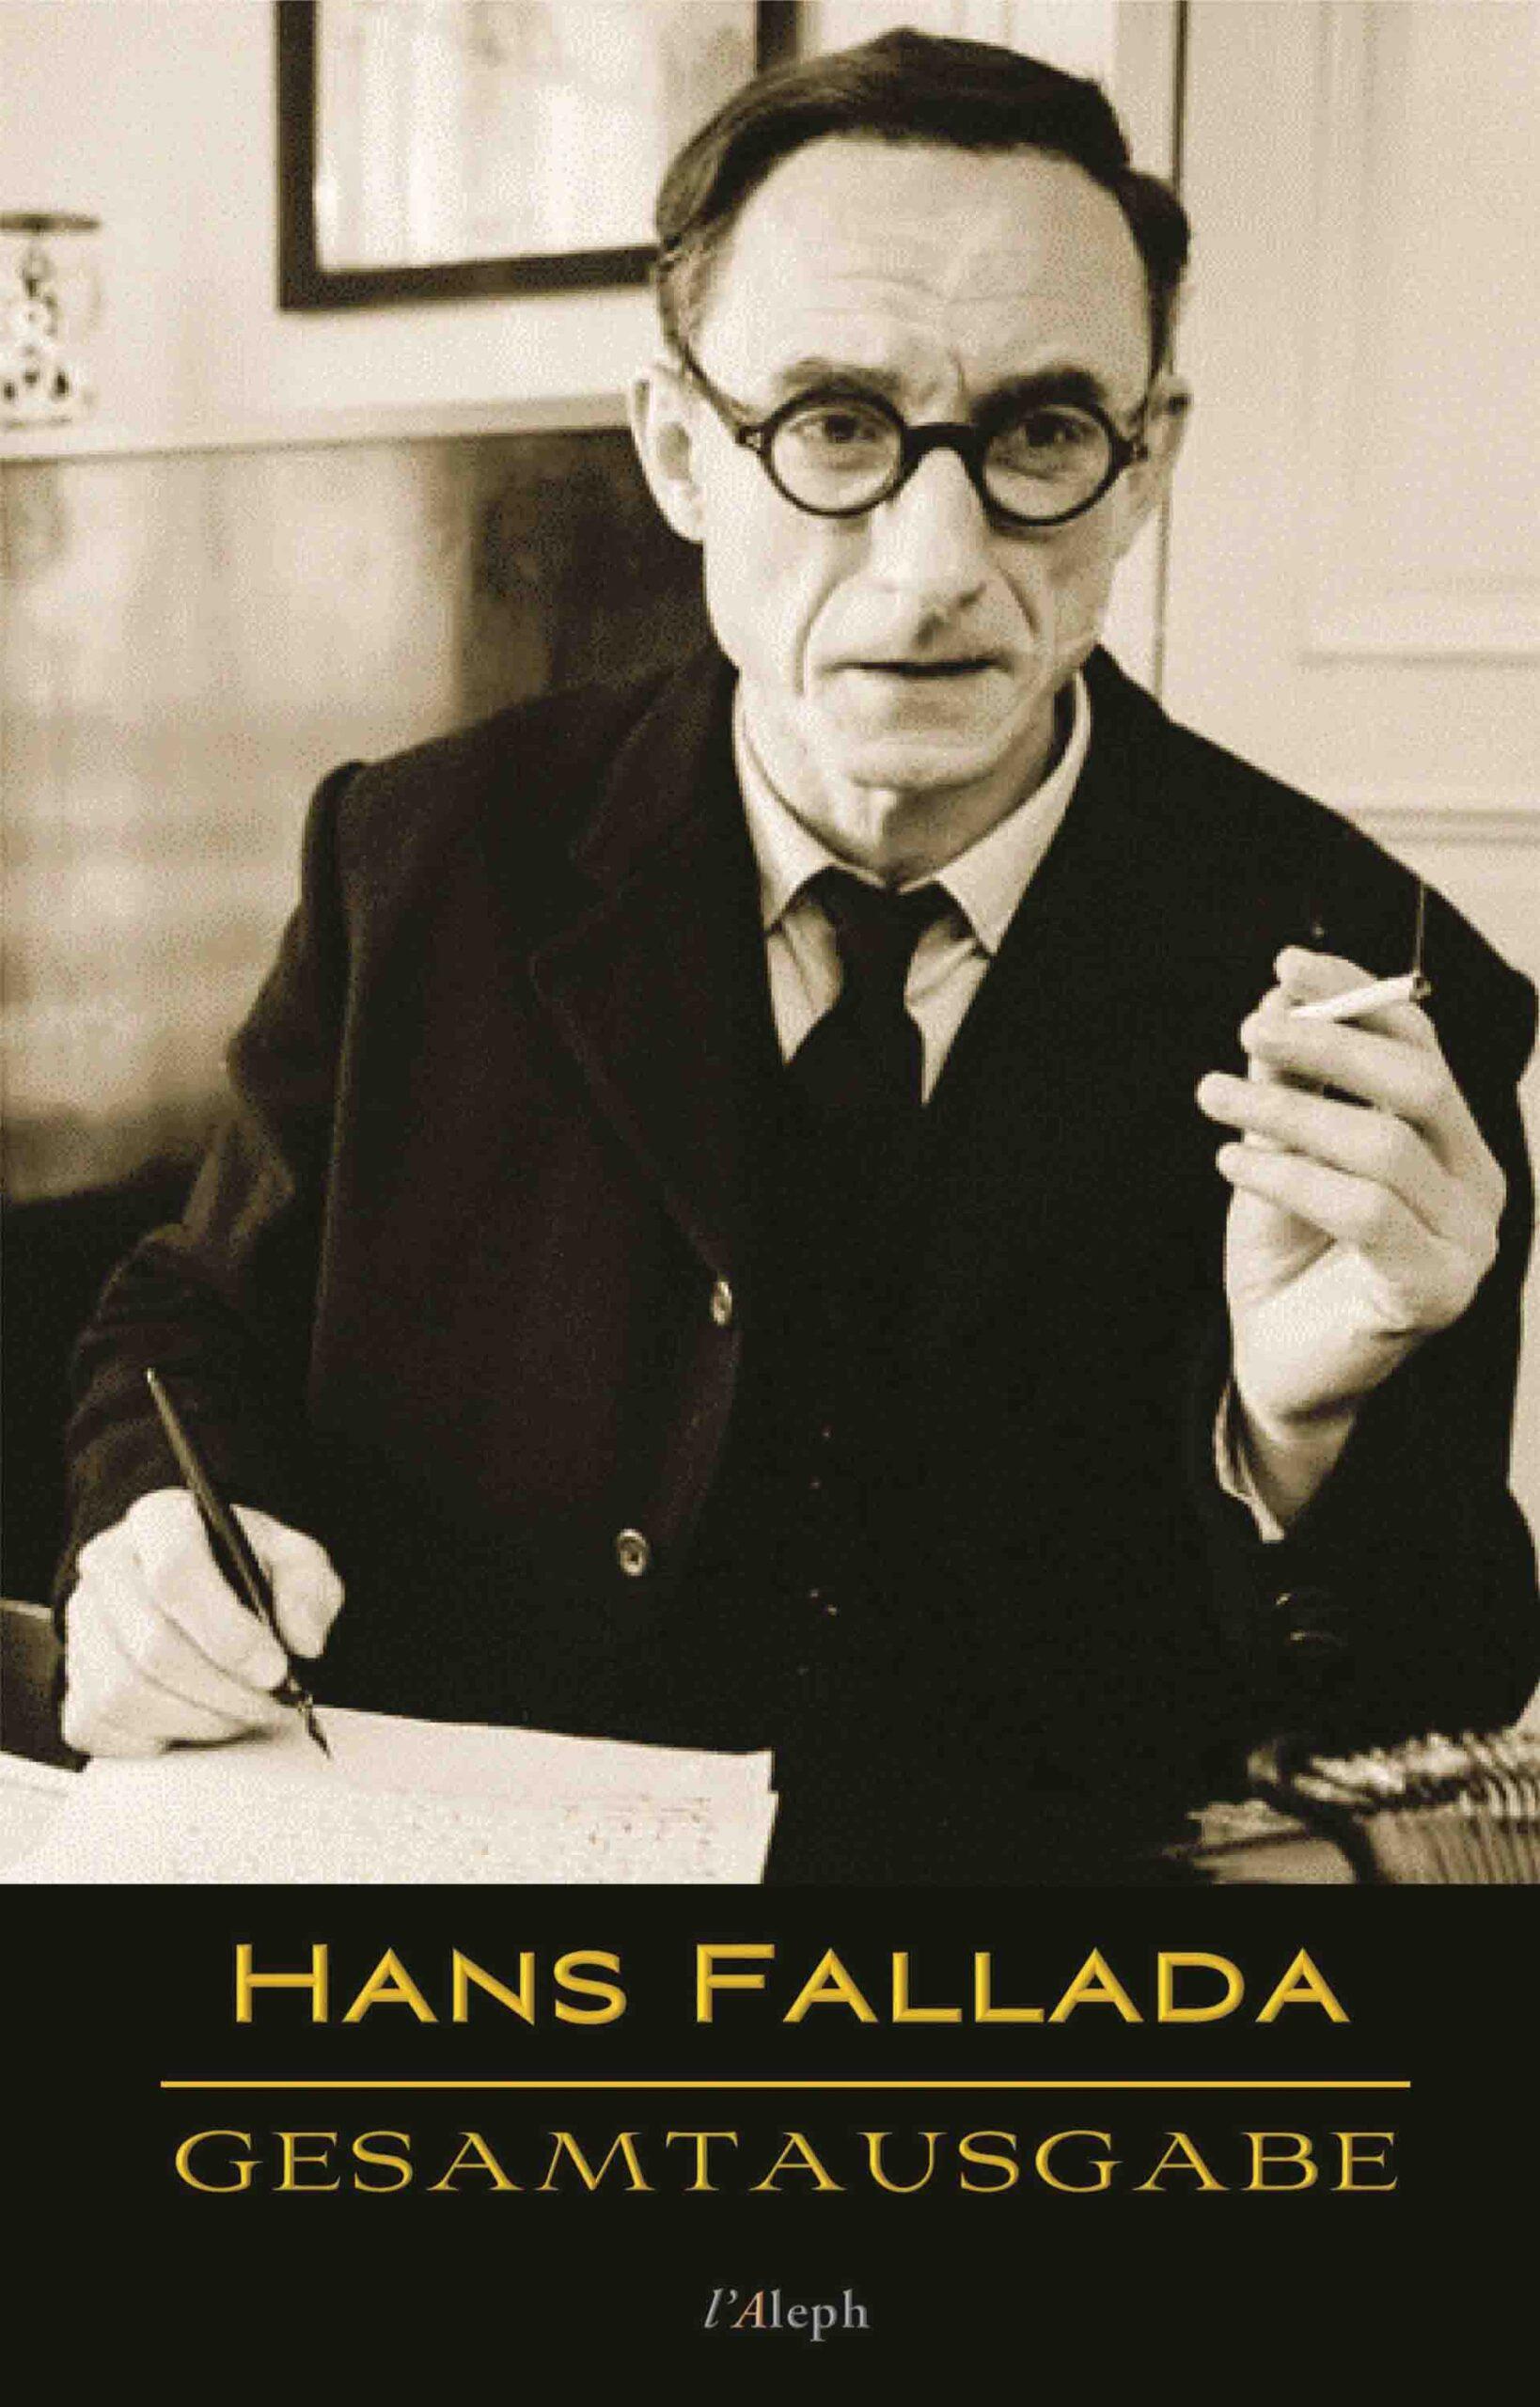 Hans Fallada: Gesamtausgabe (32 Werke und Illustrationen)